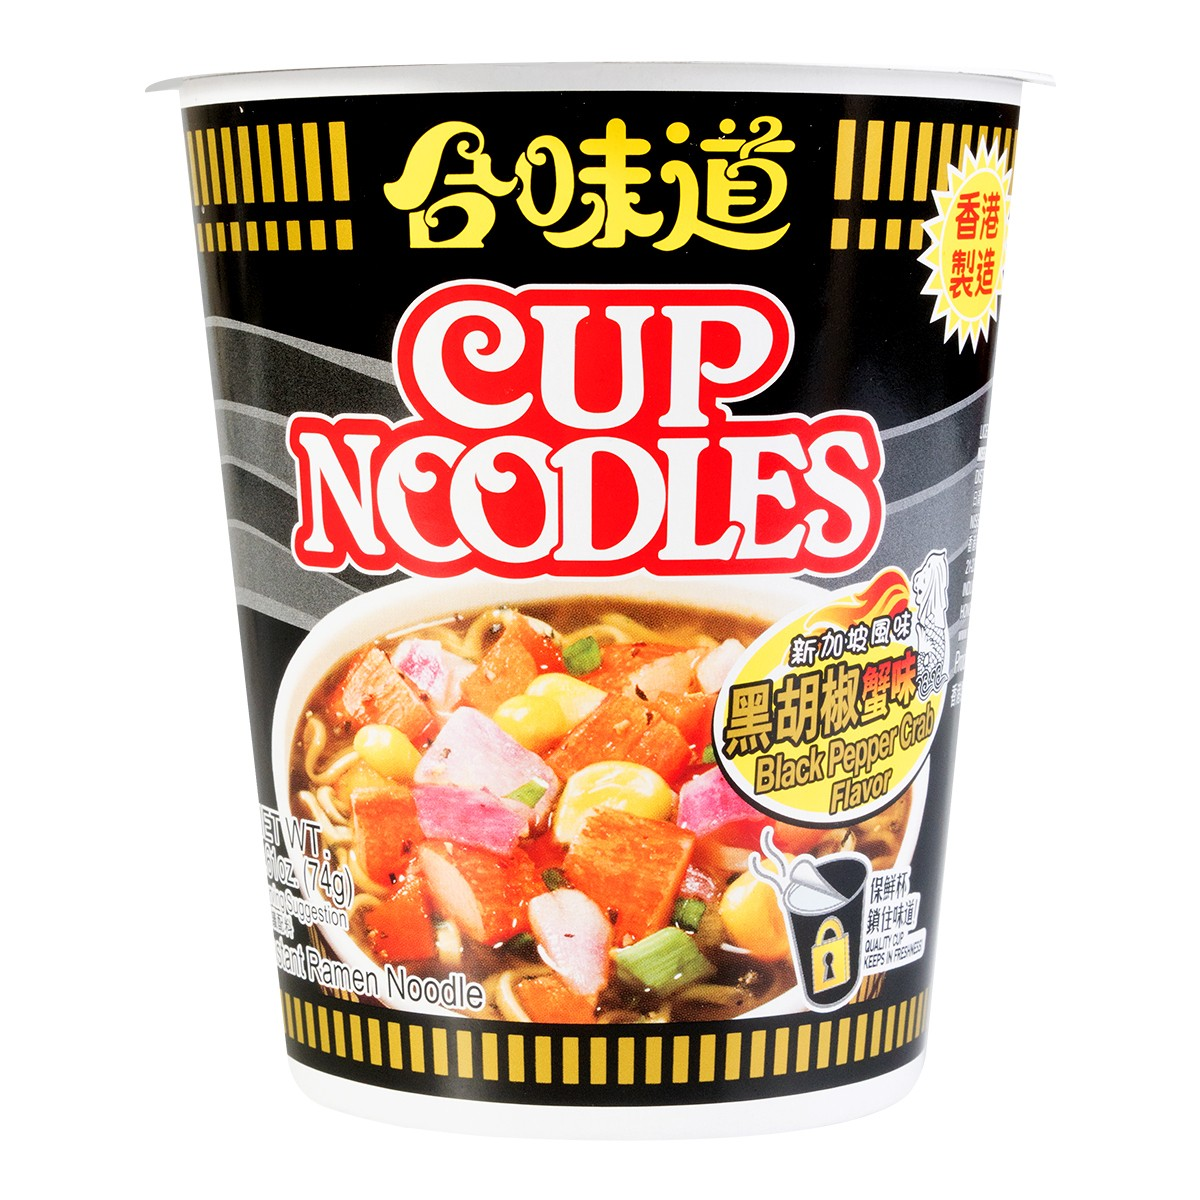 日本NISSIN日清 合味道 杯装方便面 黑胡椒蟹味 74g